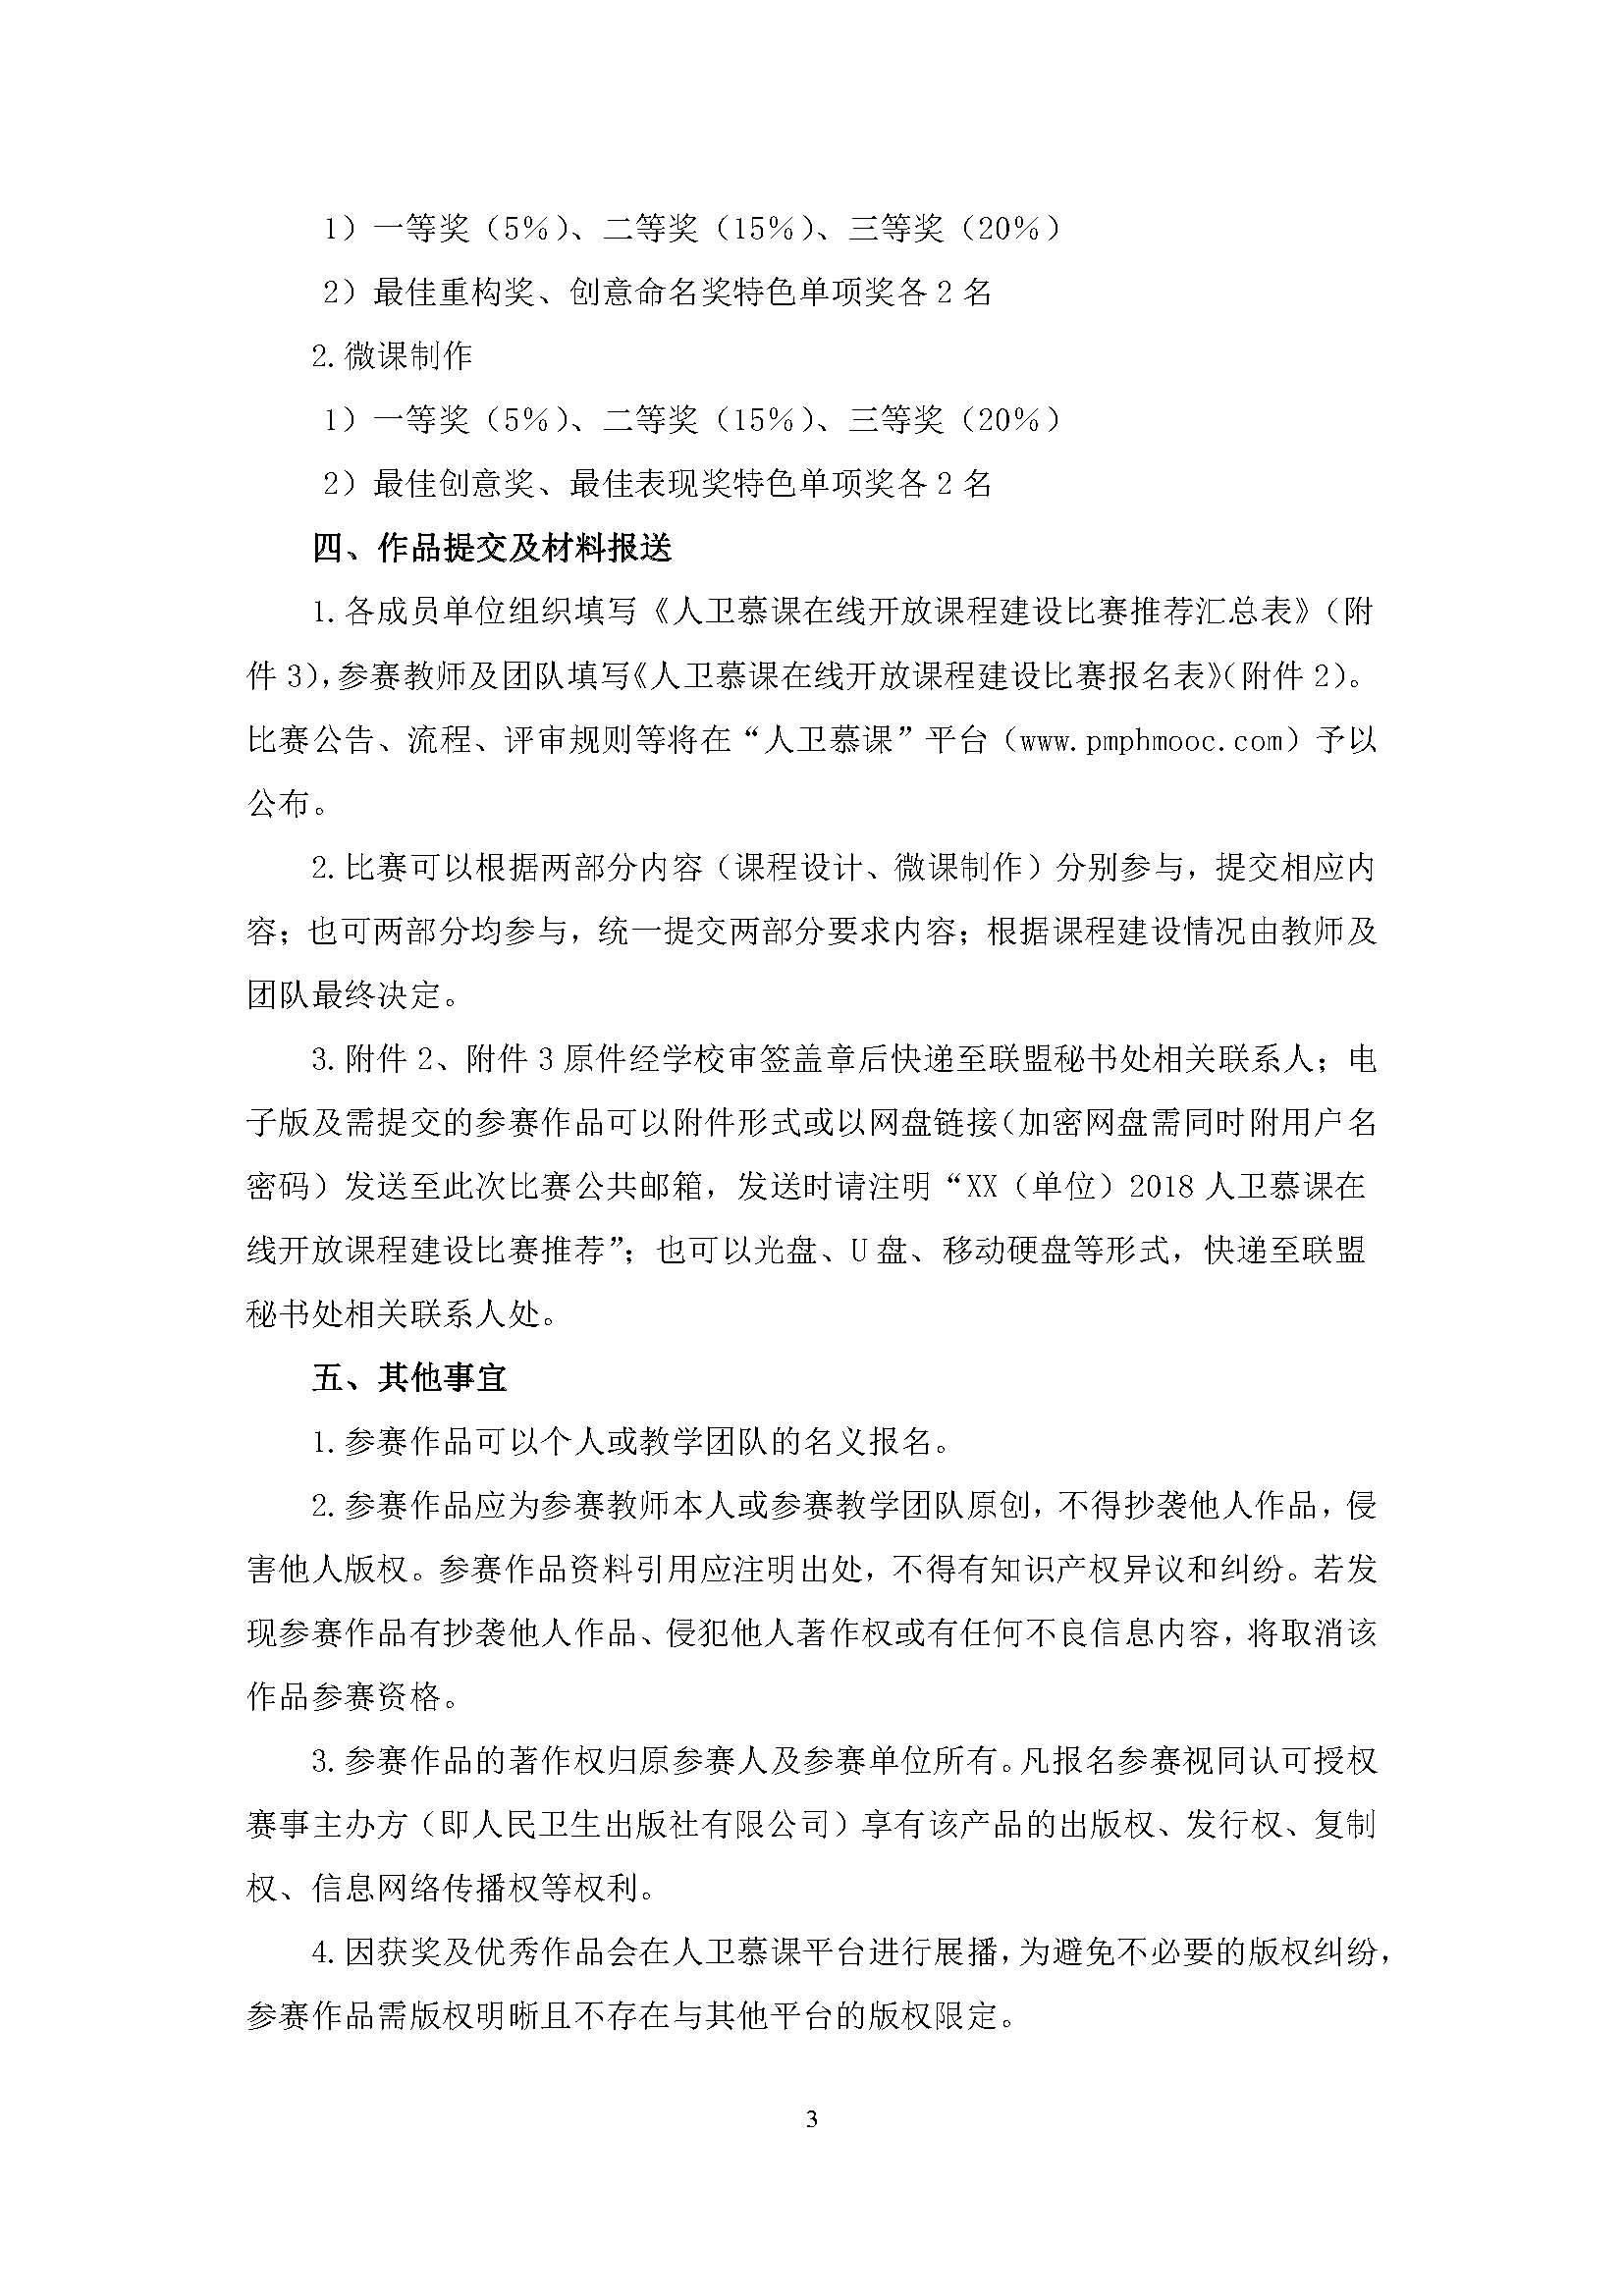 【通知final2】人卫慕课建设比赛通知(N版后,最终定稿)_页面_03.jpg